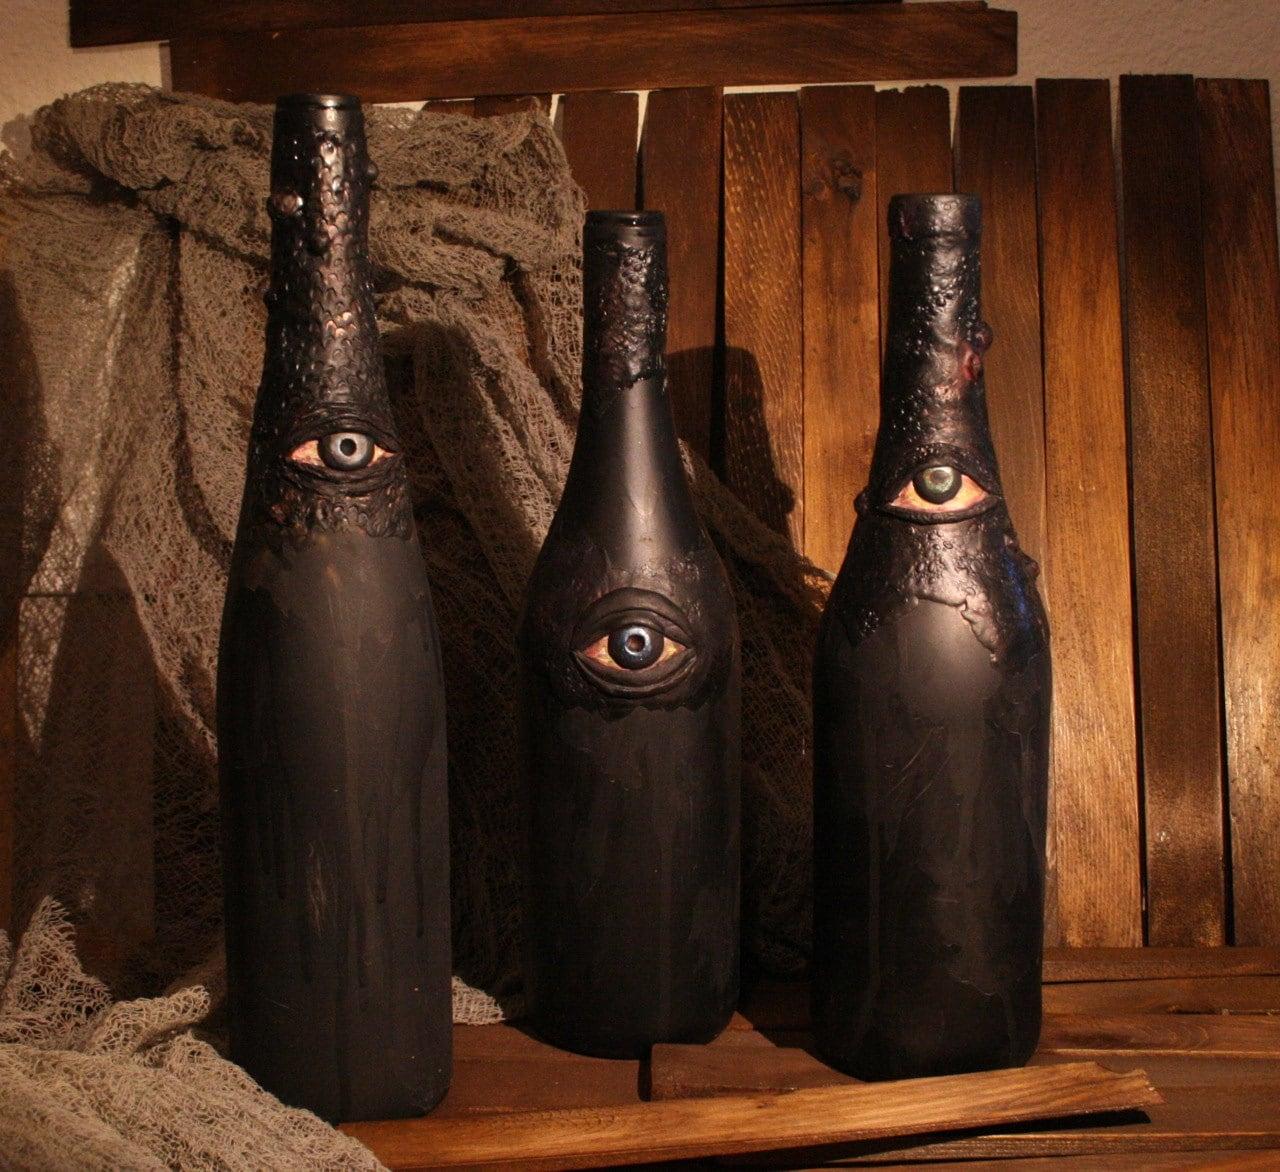 Ghoulish Halloween Bottle With Eye